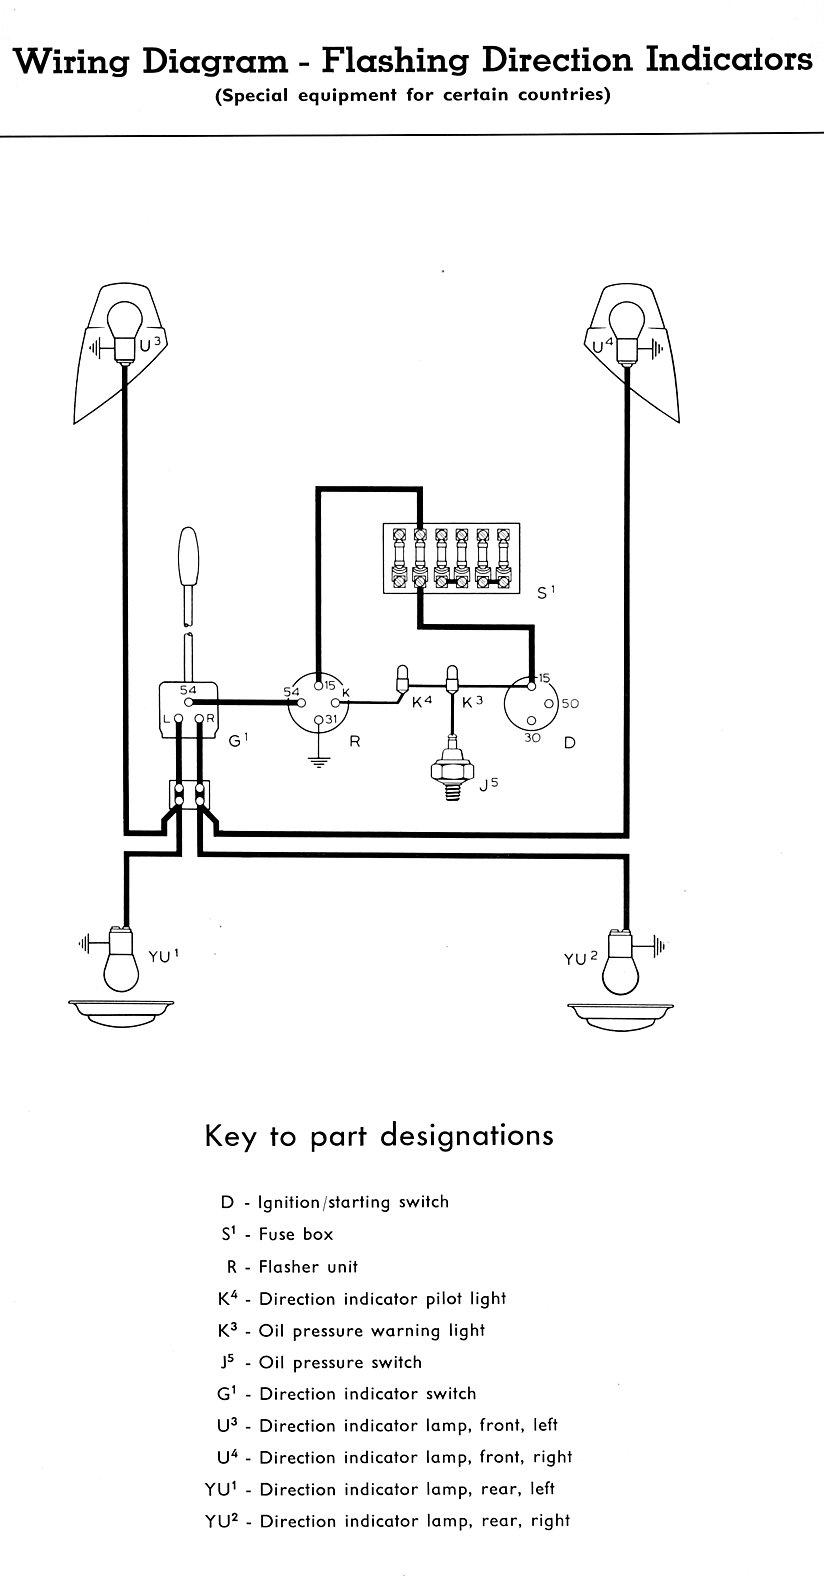 1967 International Pickup Wiring Diagram